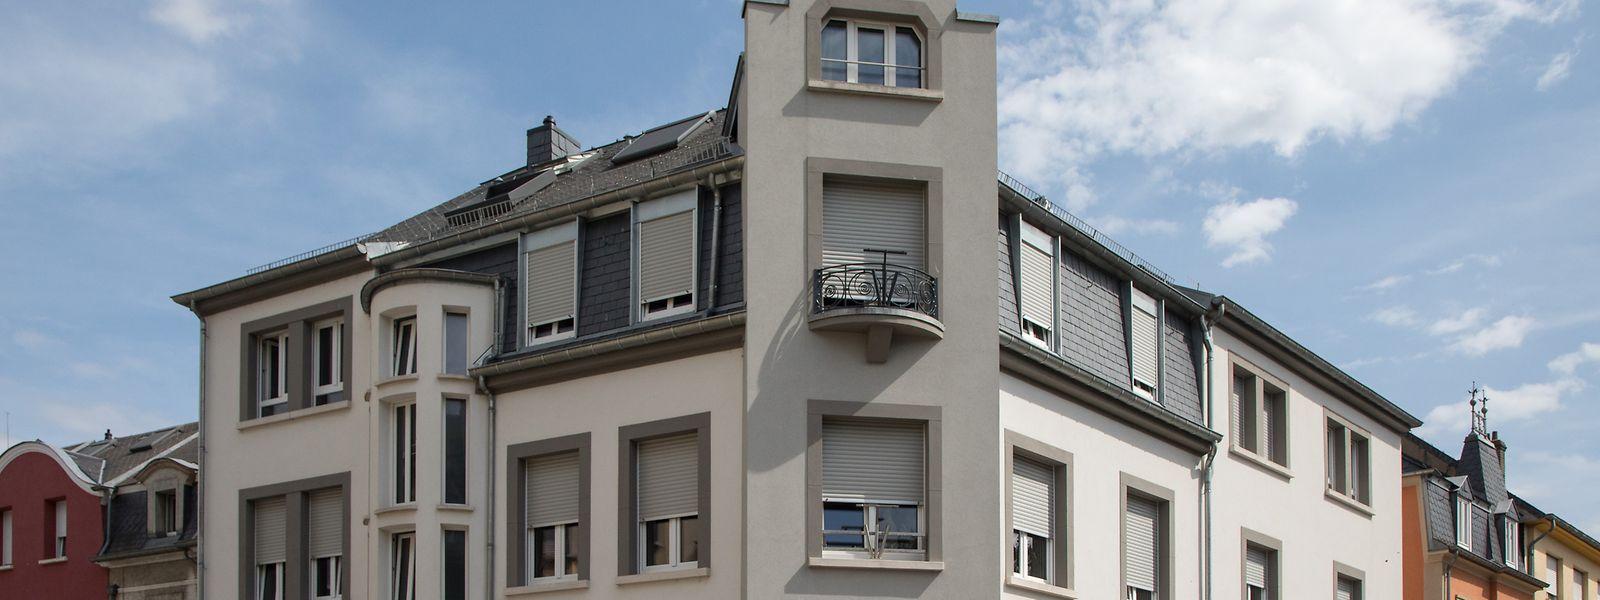 In diesem Haus in Bettemburg hat die Kirchenfabrik Bettemburg mit staatlichen Geldern sieben Studentenwohnungen gebaut. Dort befindet sich auch das Sekretariat der Pfarrei Bettemburg-Frisingen.